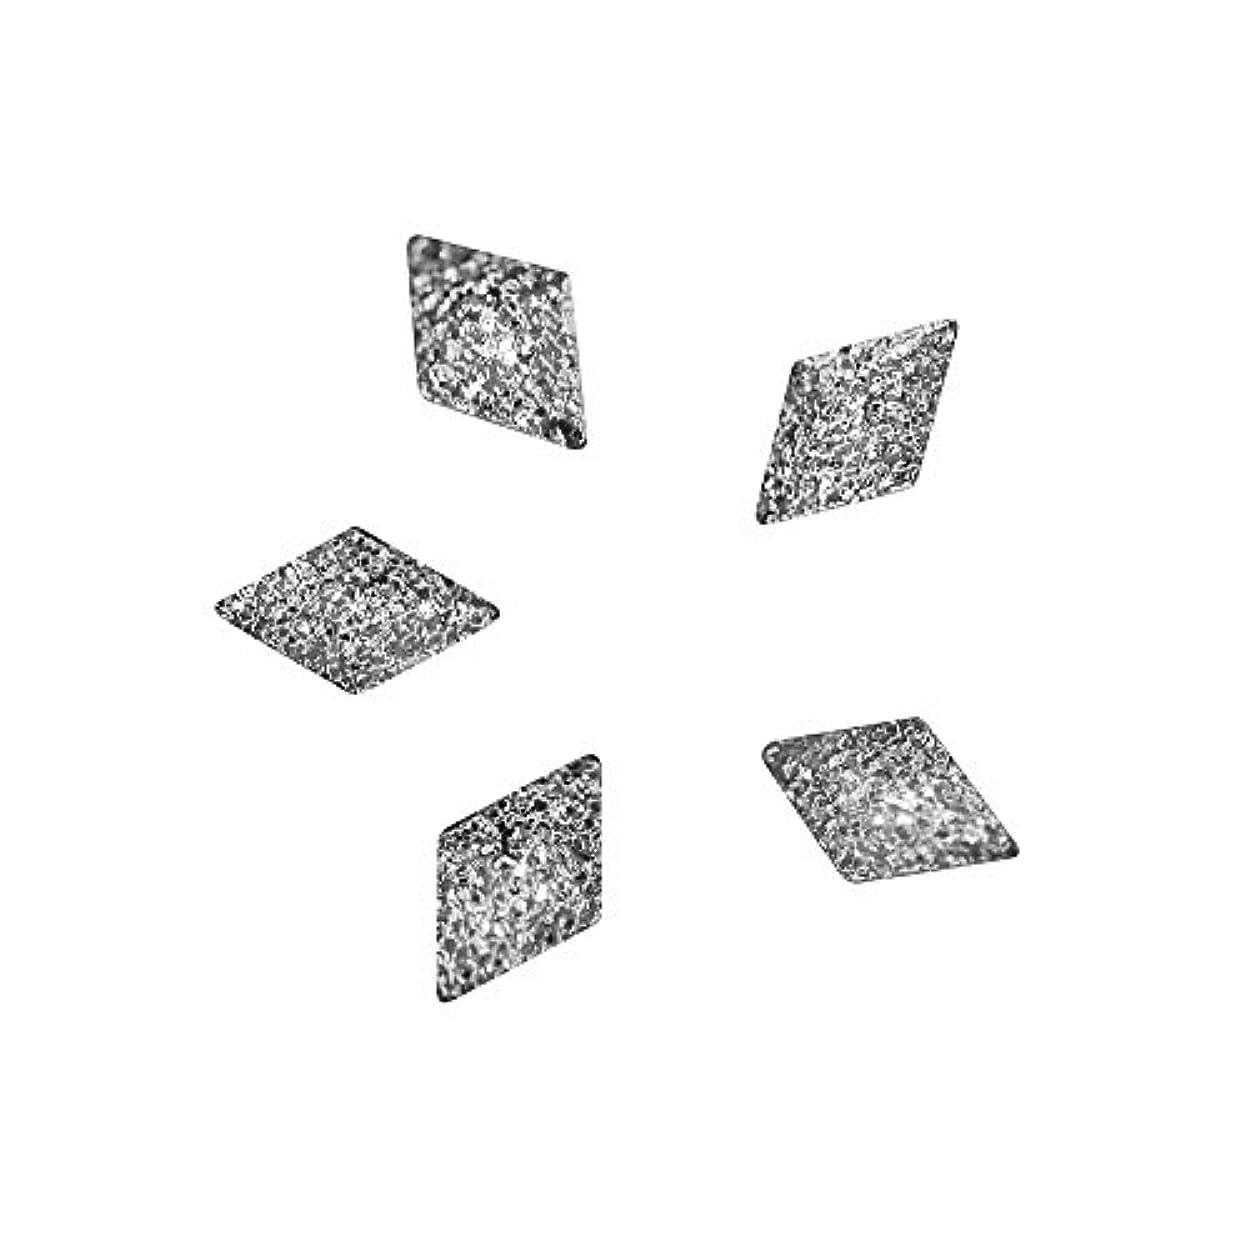 ビタミン頂点マイクロプロセッサBonnail ラフスタッズシルバー ダイヤ4×2mm 30P